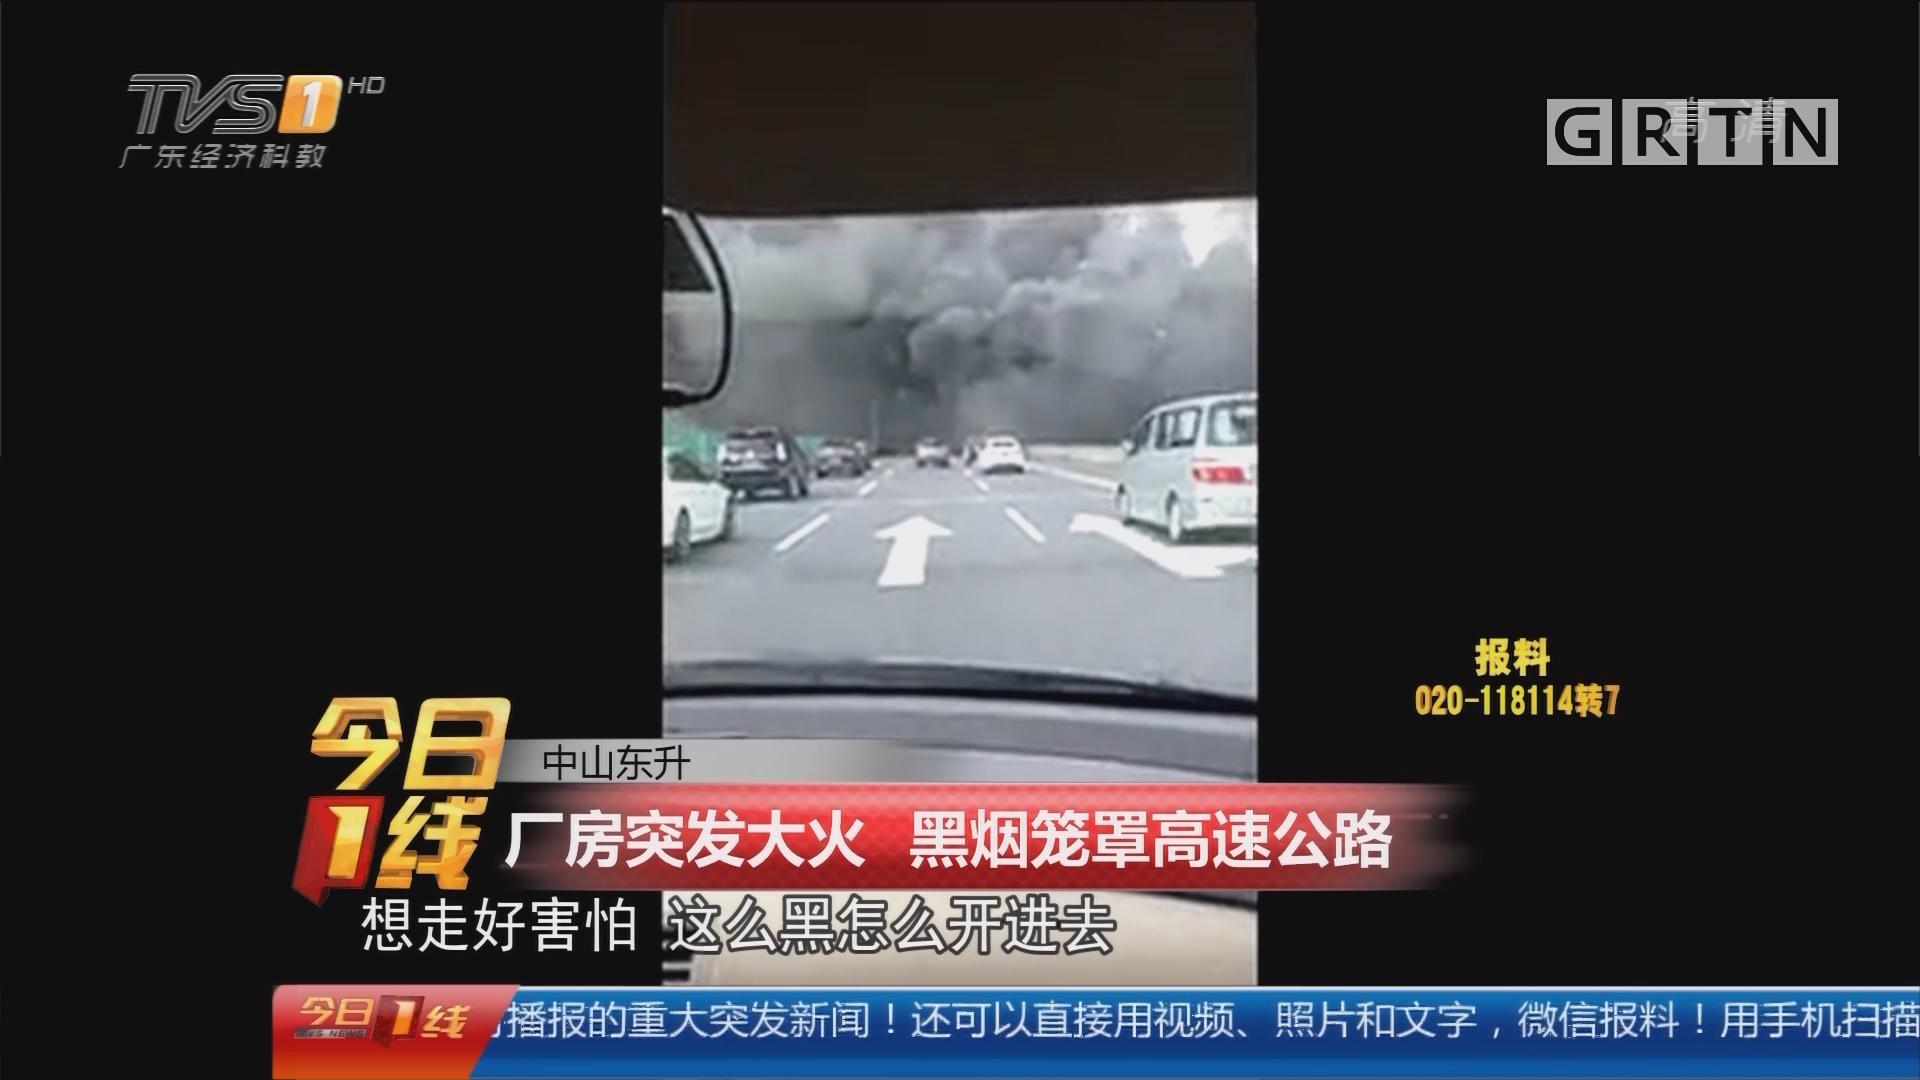 中山东升:厂房突发大火 黑烟笼罩高速公路